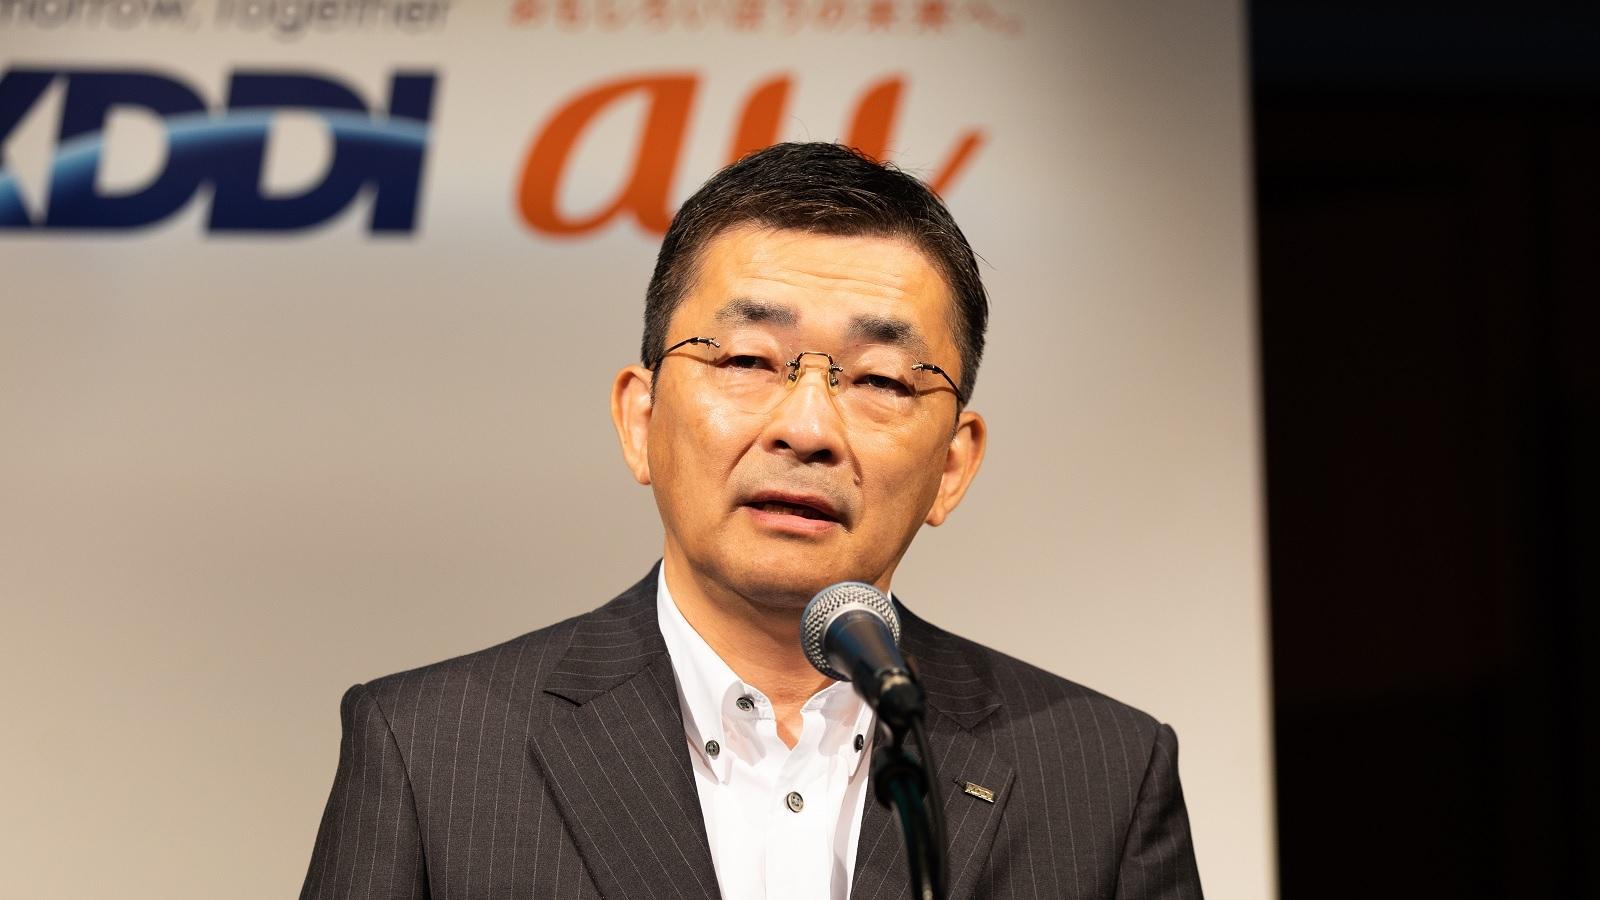 2021年4~6月期の連結決算を発表するKDDIの高橋誠社長 (出所:KDDI)